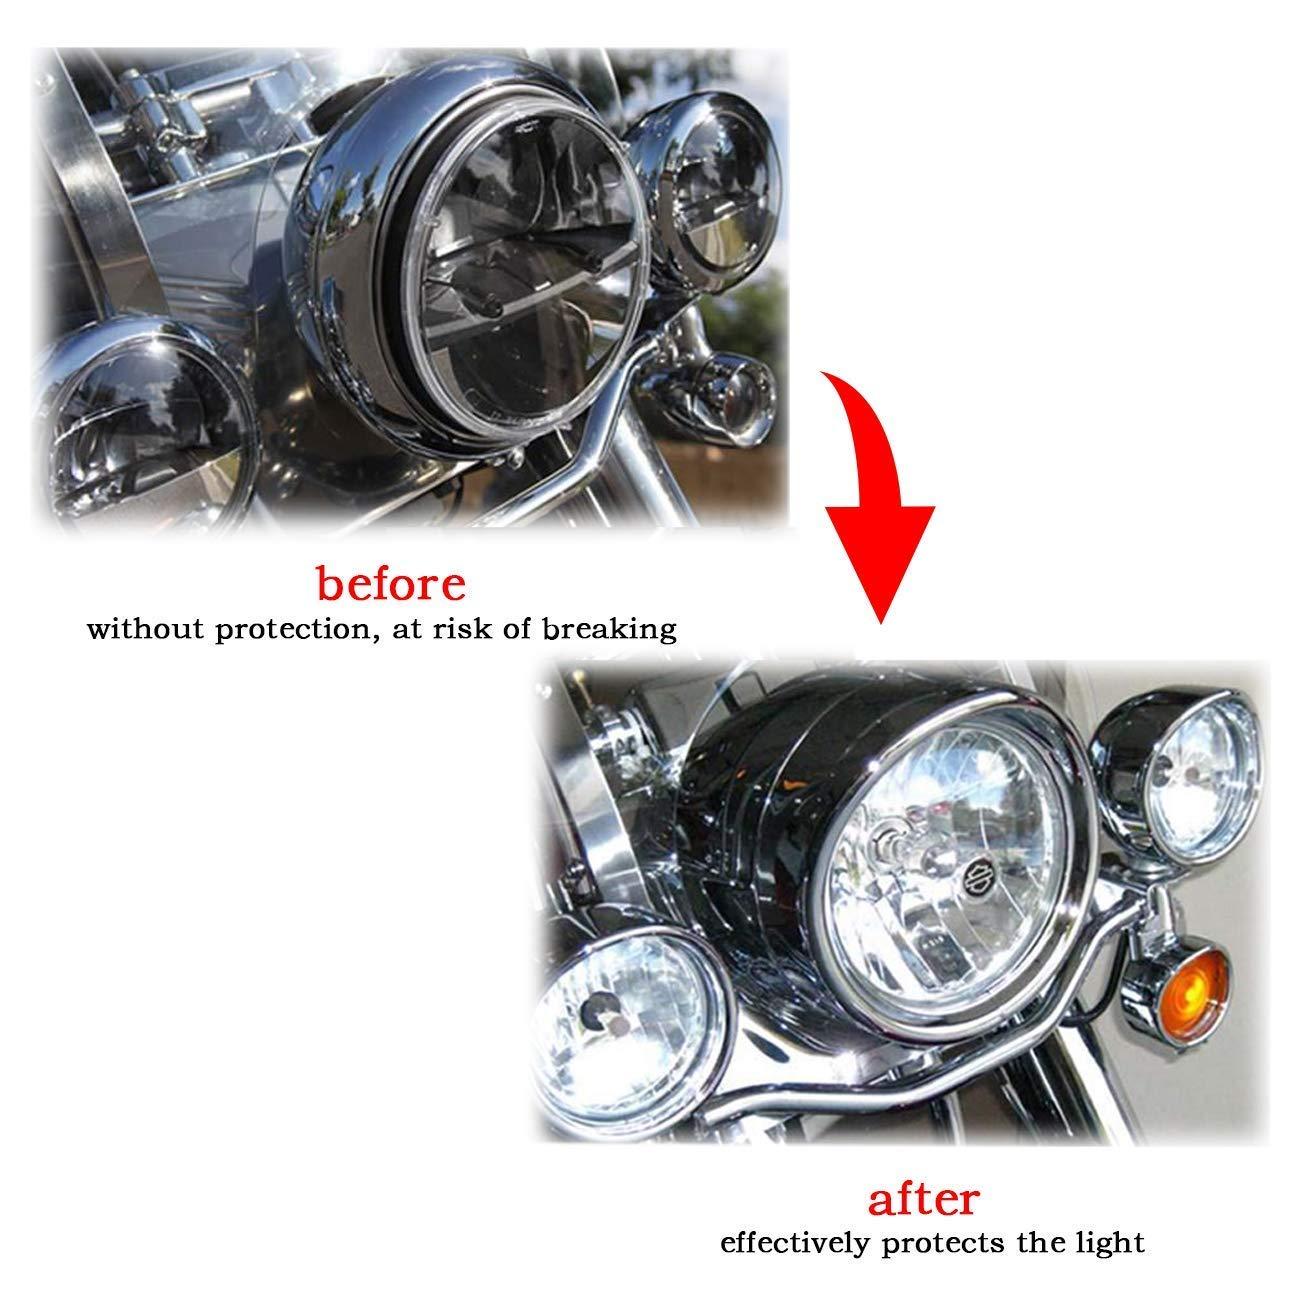 Semoic Moto Anneau de Garniture de Phare de 7 Pouces 4,5 Pouces Style de Visi/ère pour de Randonn/ée King Electra Glide Softail FLD//Flh Accessoires de Moto